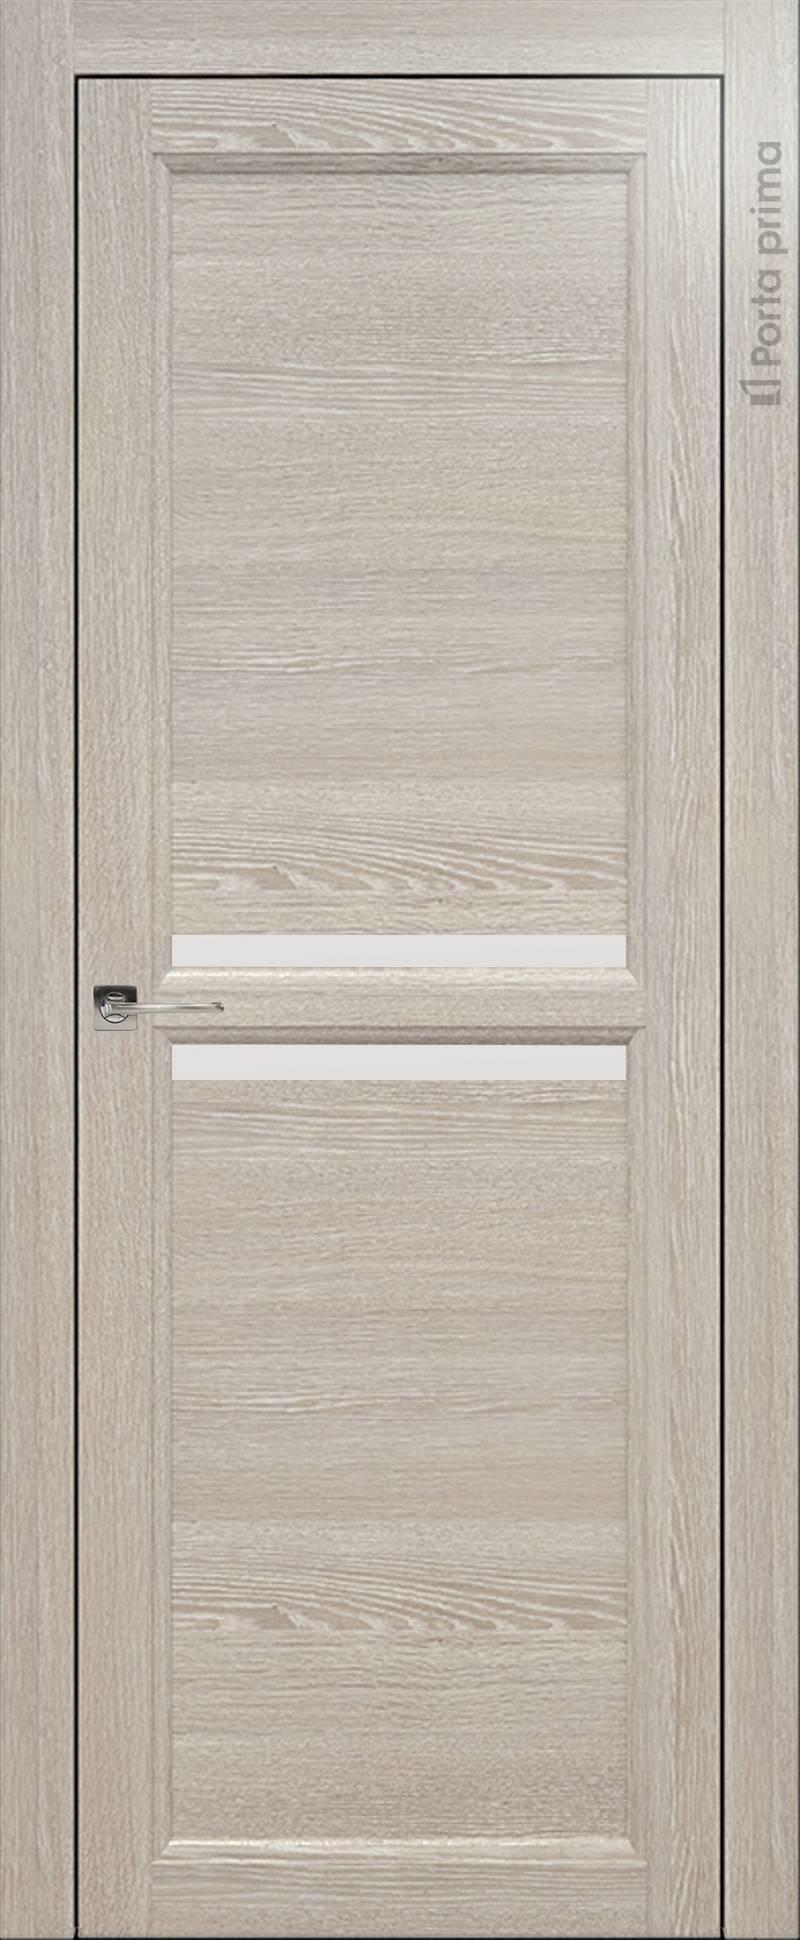 Sorrento-R Д1 цвет - Серый дуб Без стекла (ДГ)